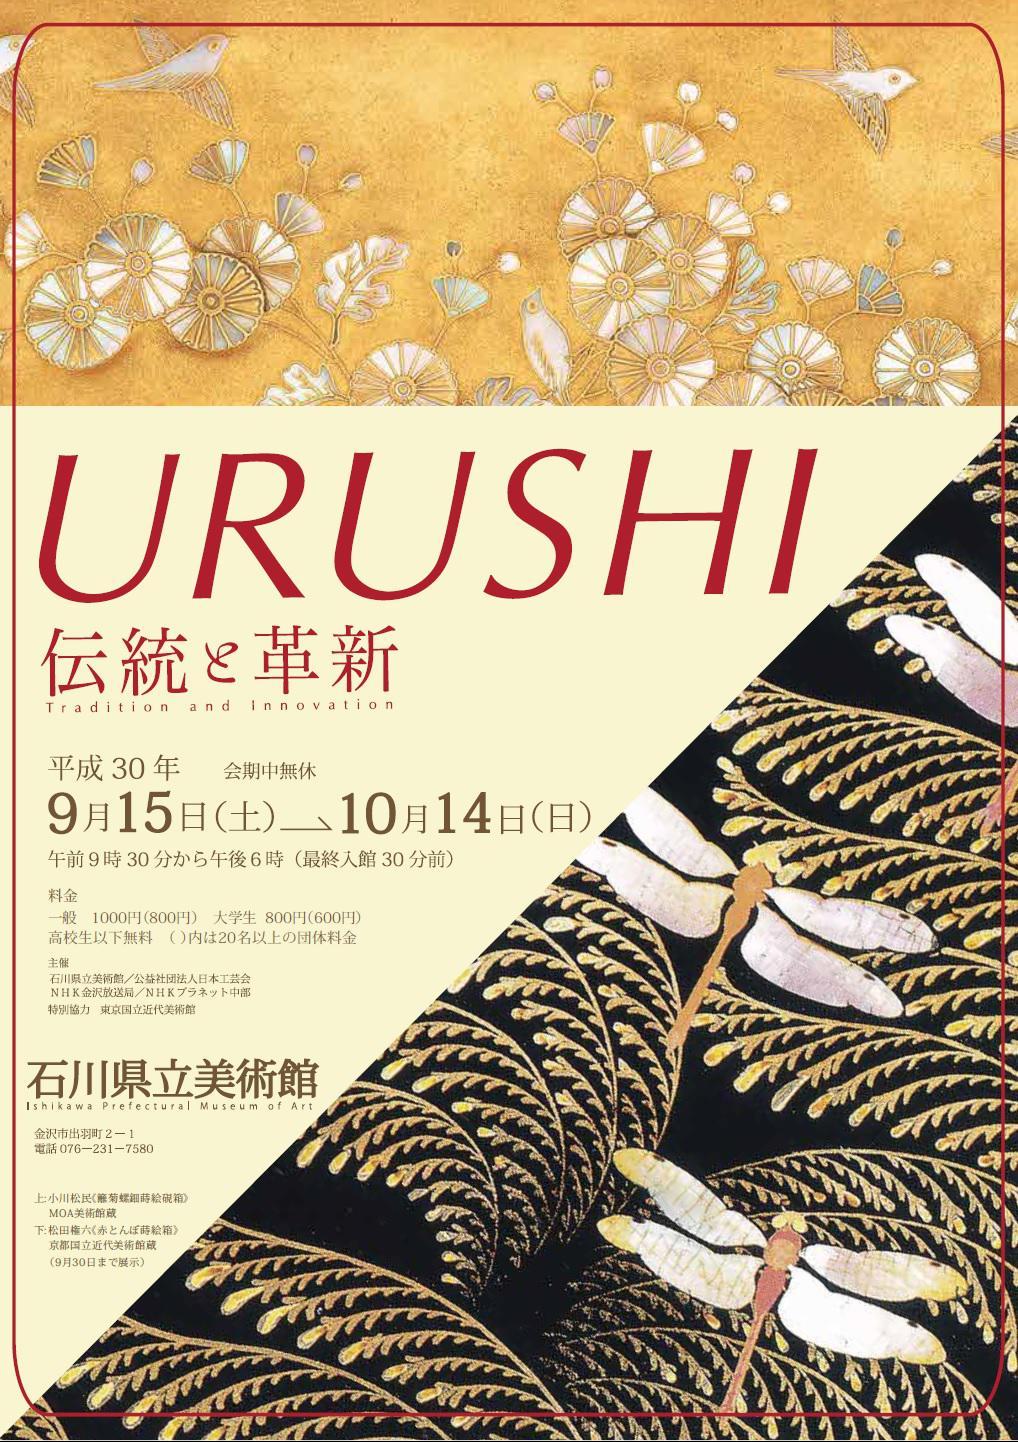 石川県立美術館 企画展「URUSHI 伝統と革新」